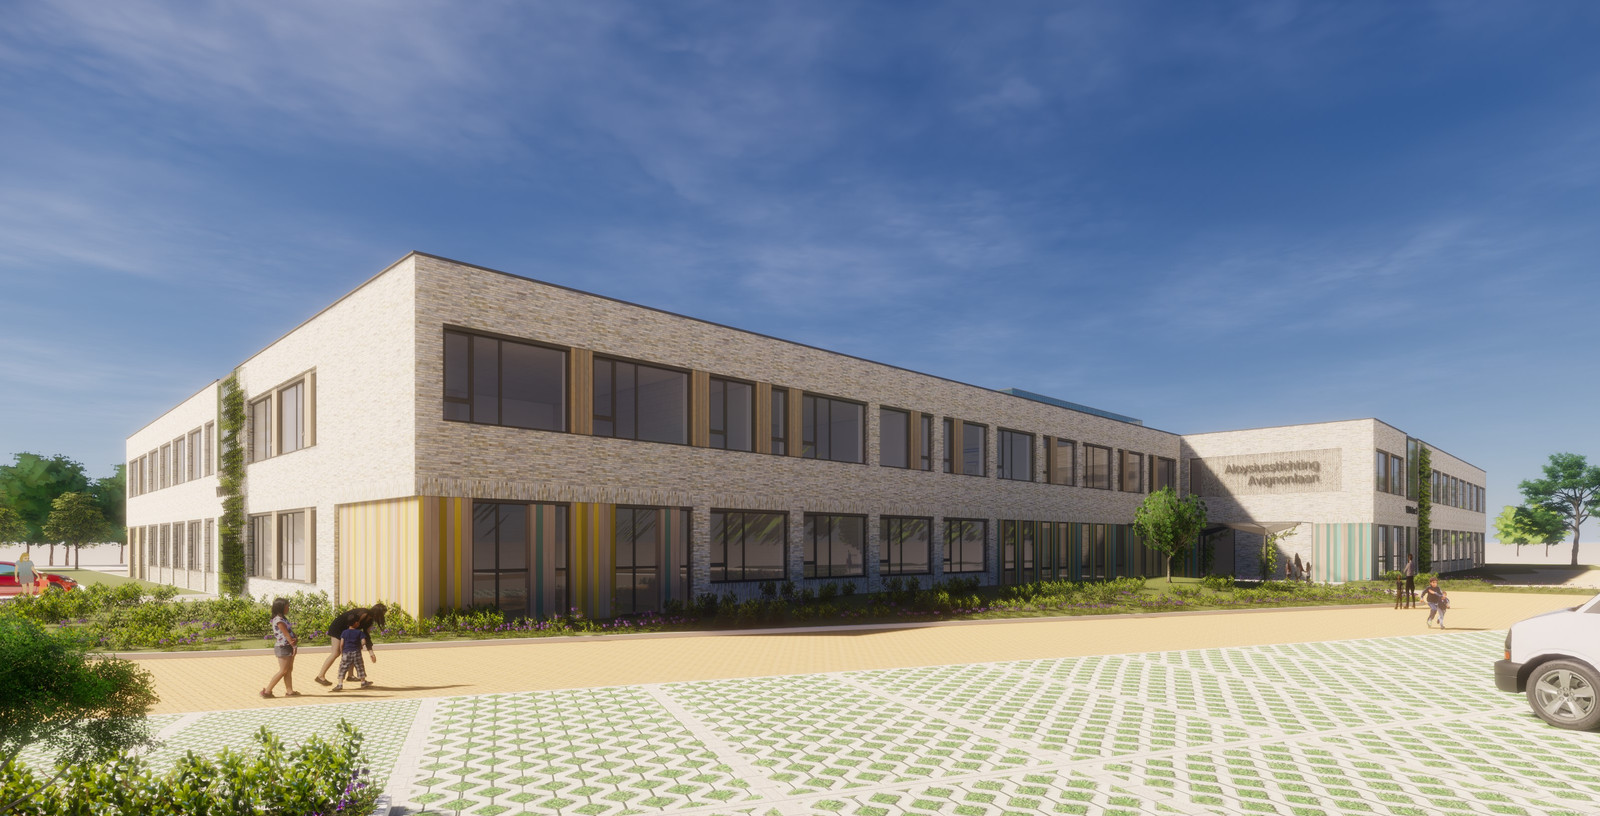 Voorlopig ontwerp van de nieuwbouw voor de Aloysius Stichting voor speciaal onderwijs aan de Avignonlaan in Eindhoven.